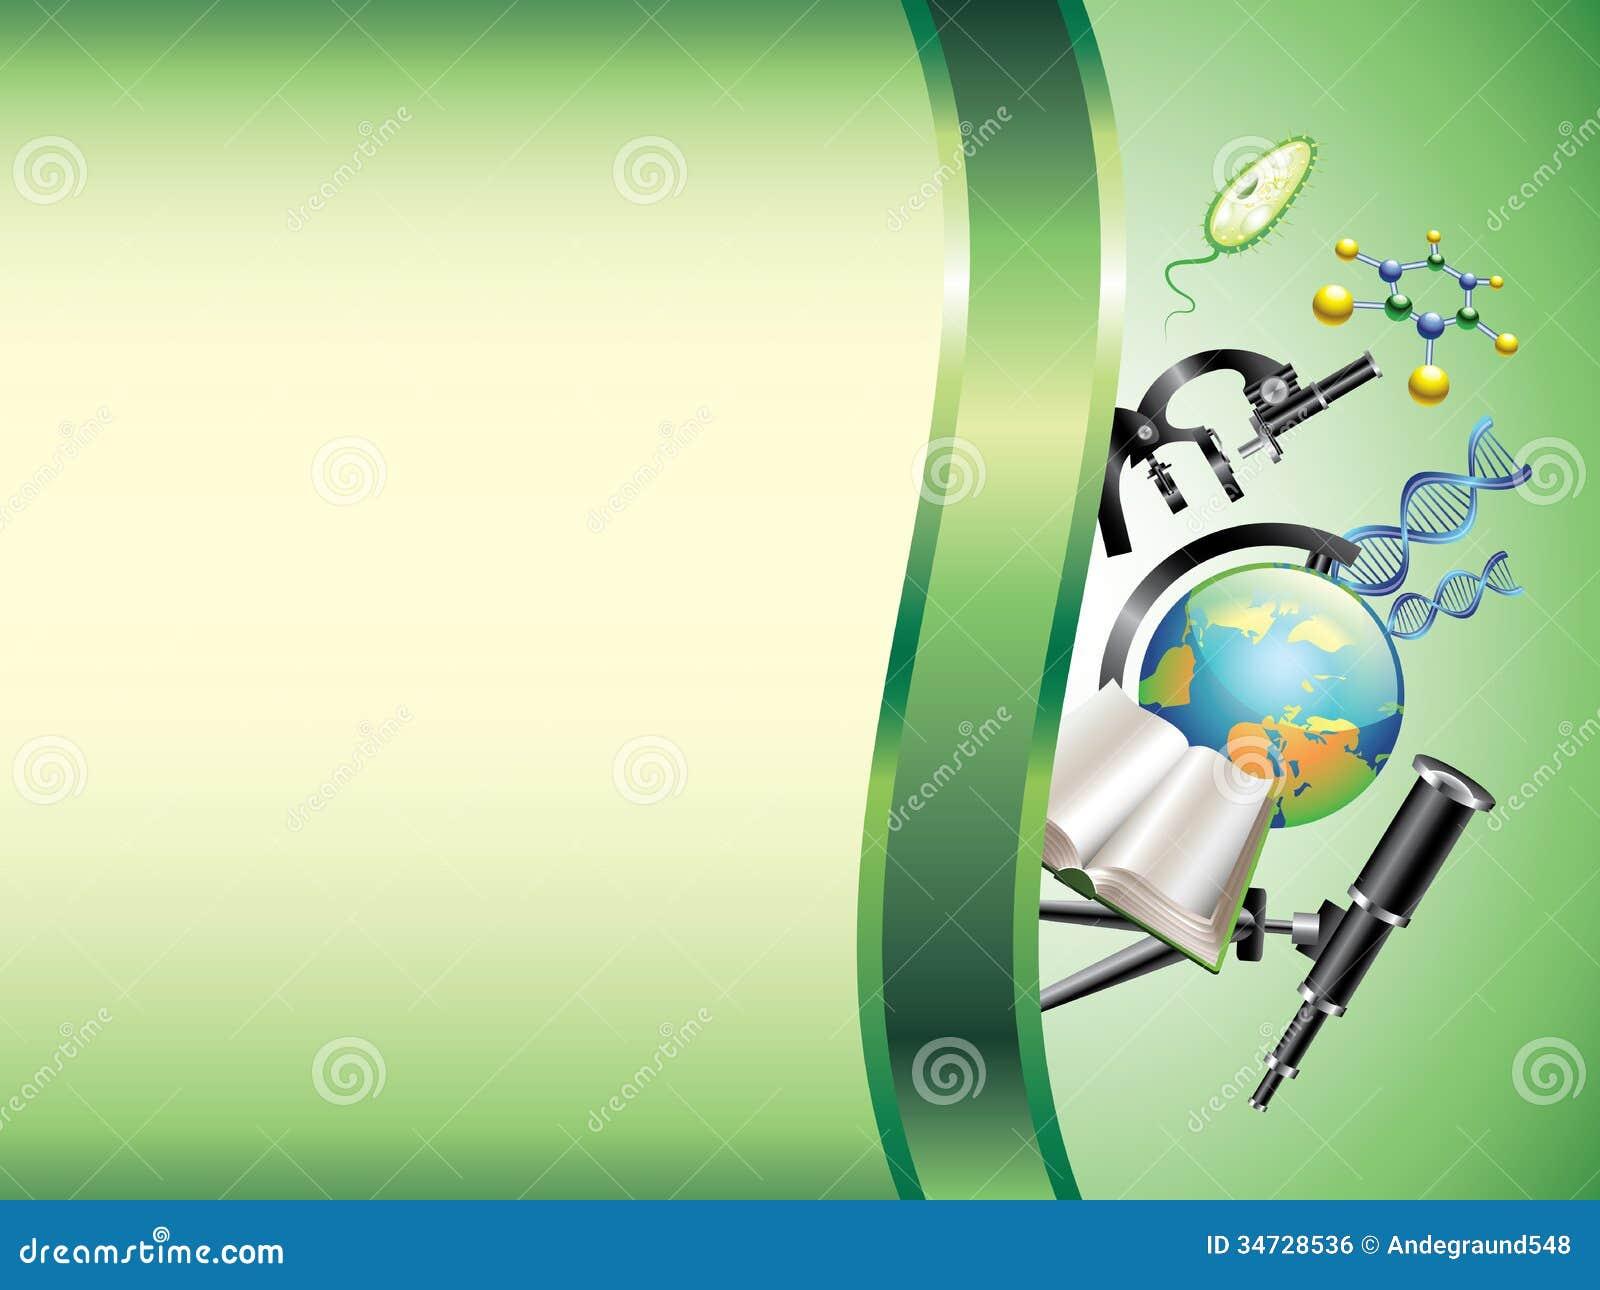 ... Horizontal Background Royalty Free Stock Image - Image: 34728536